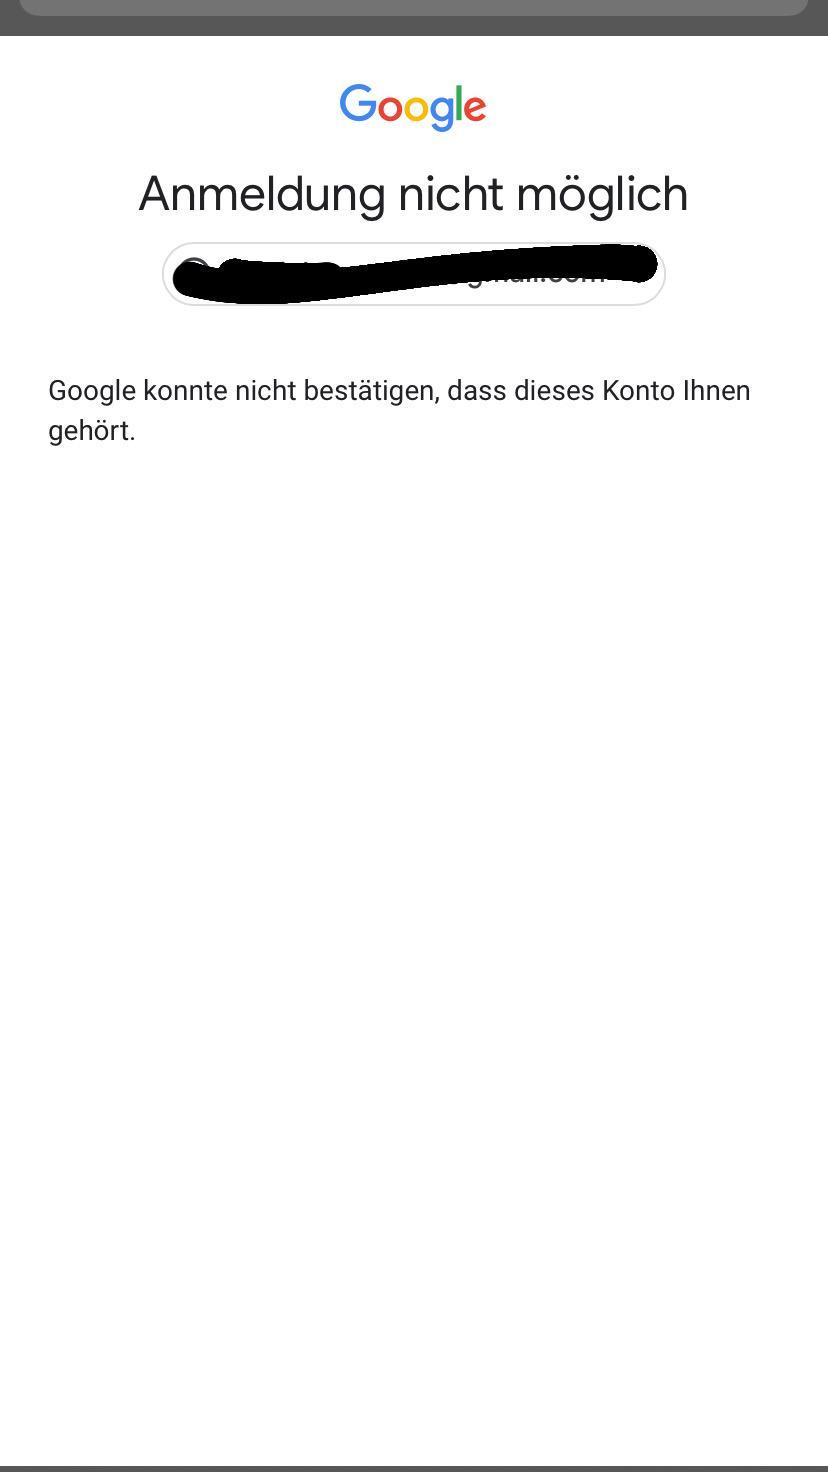 Bestätigen google ihnen dass dieses konto nicht gehört konnte Probleme mit